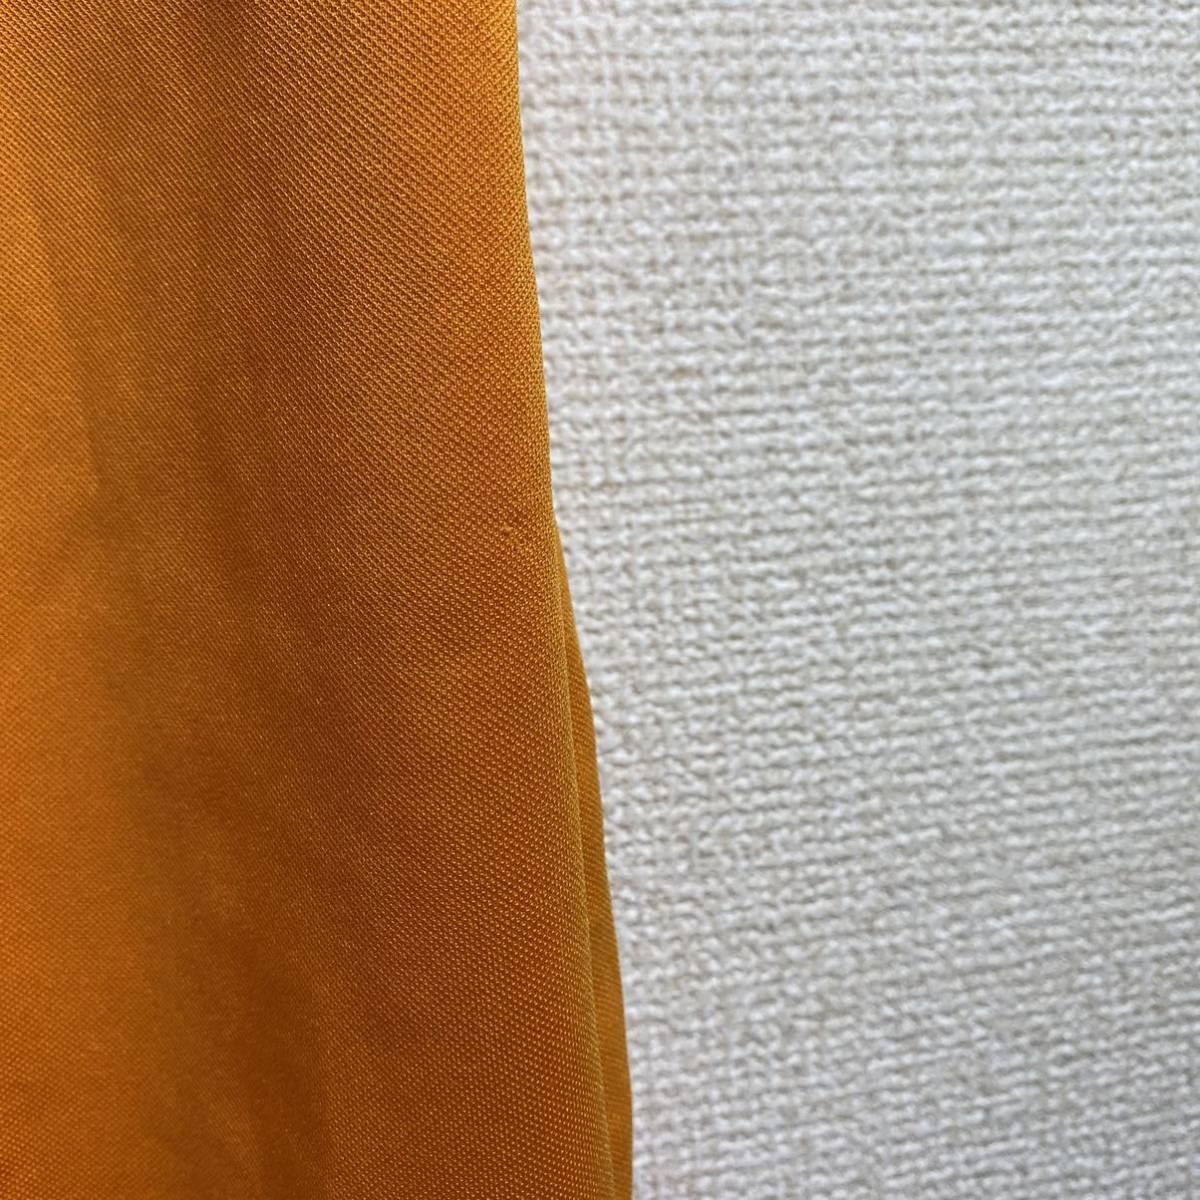 le coq sportif Golf ルコック ゴルフ 半袖ポロシャツ オレンジ メンズ L 迅速発送 送料無料!_画像7